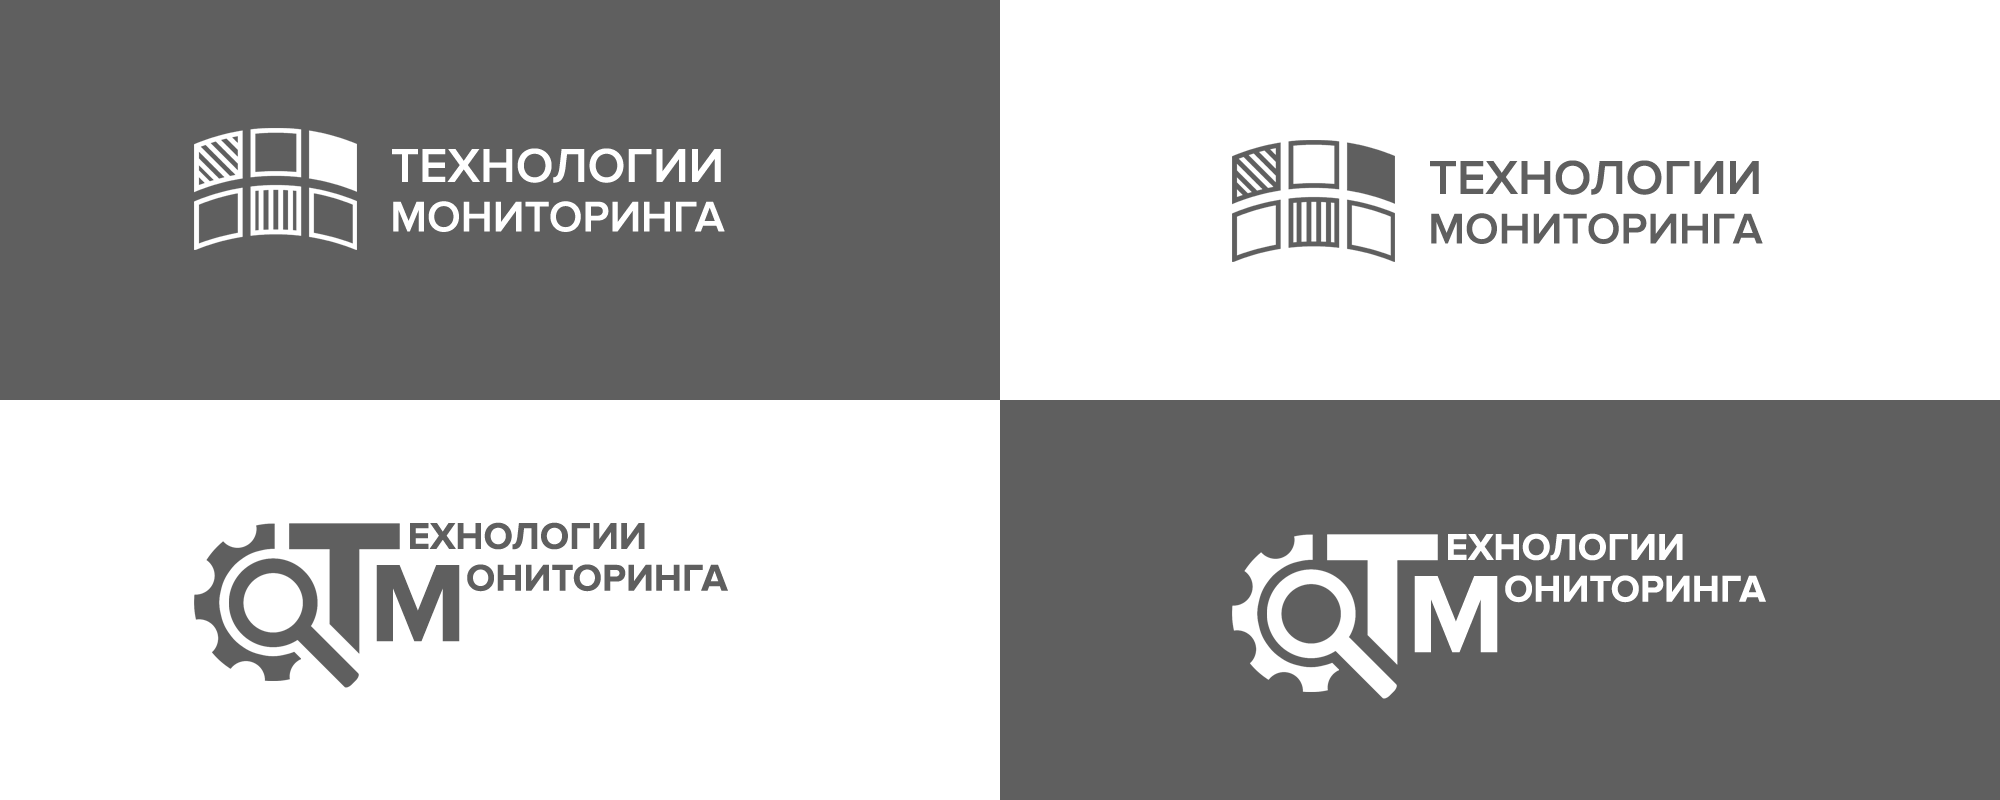 Разработка логотипа фото f_60159748e30a4a50.png